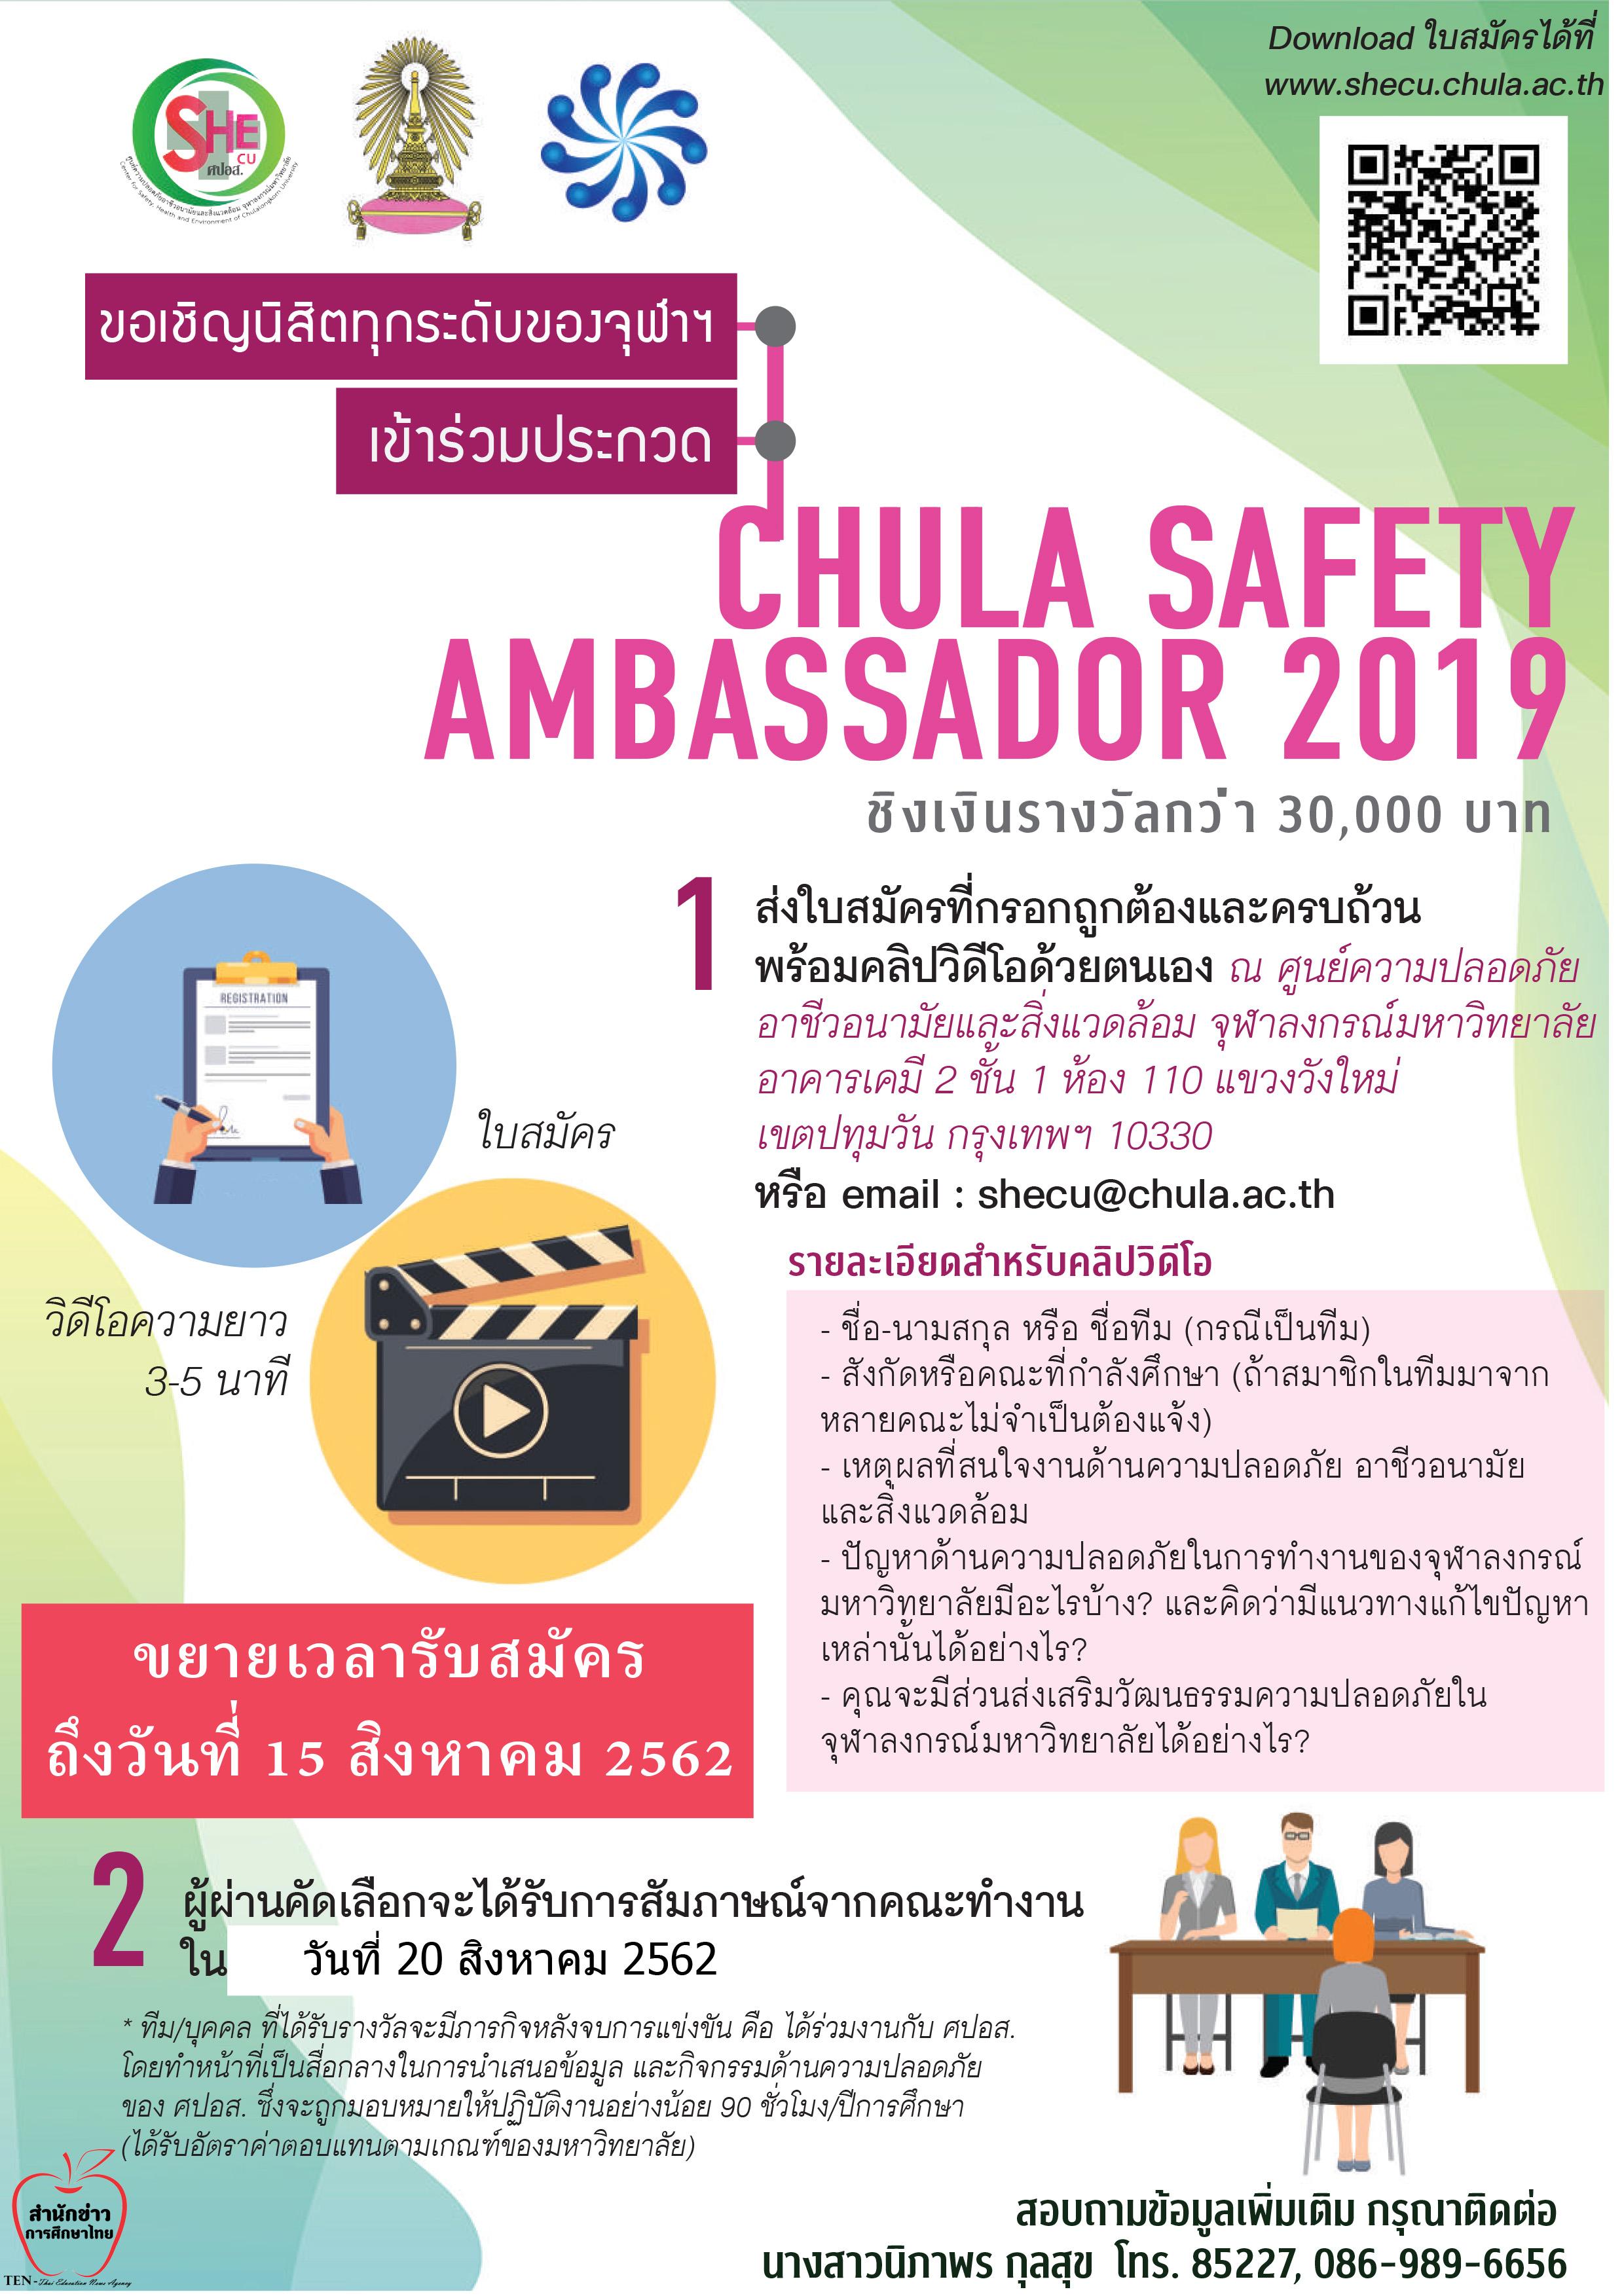 Chula Safety 2019 ร้อยรักษ์ความปลอดภัย ร้อยใจชาวจุฬาฯ